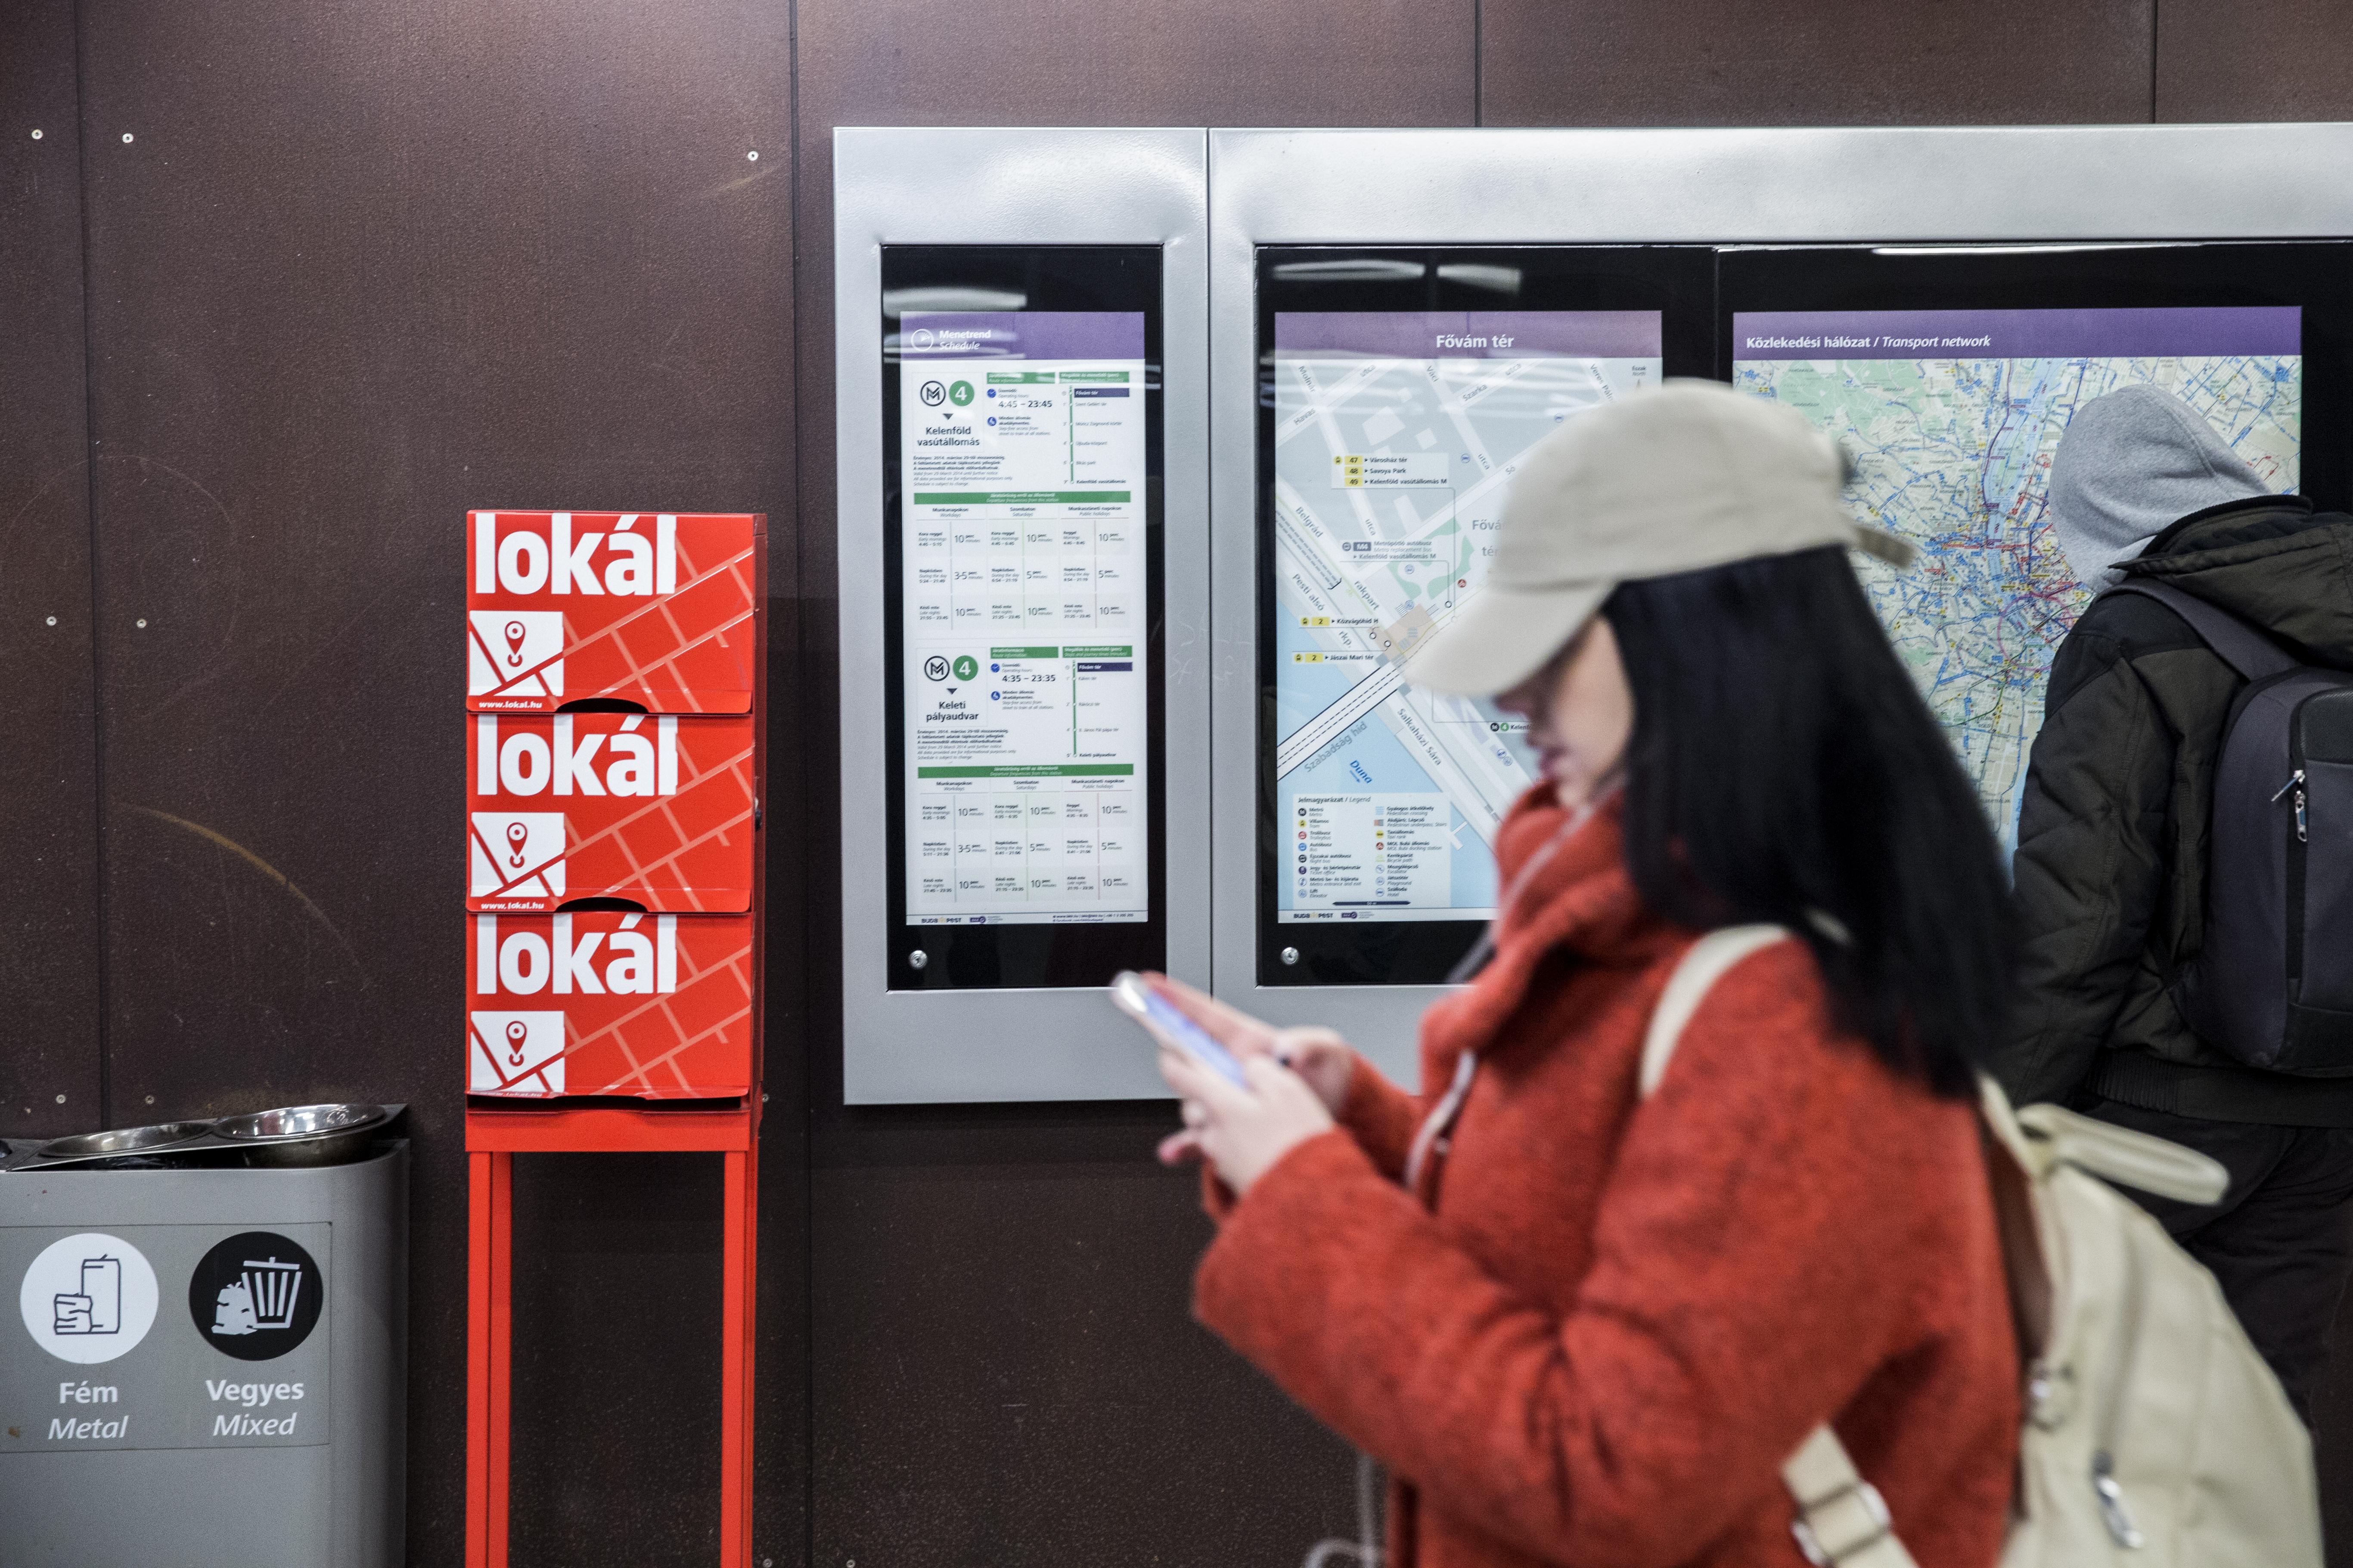 Habony Árpád médiavállalata több mint tízszeresére növelte nyereségét